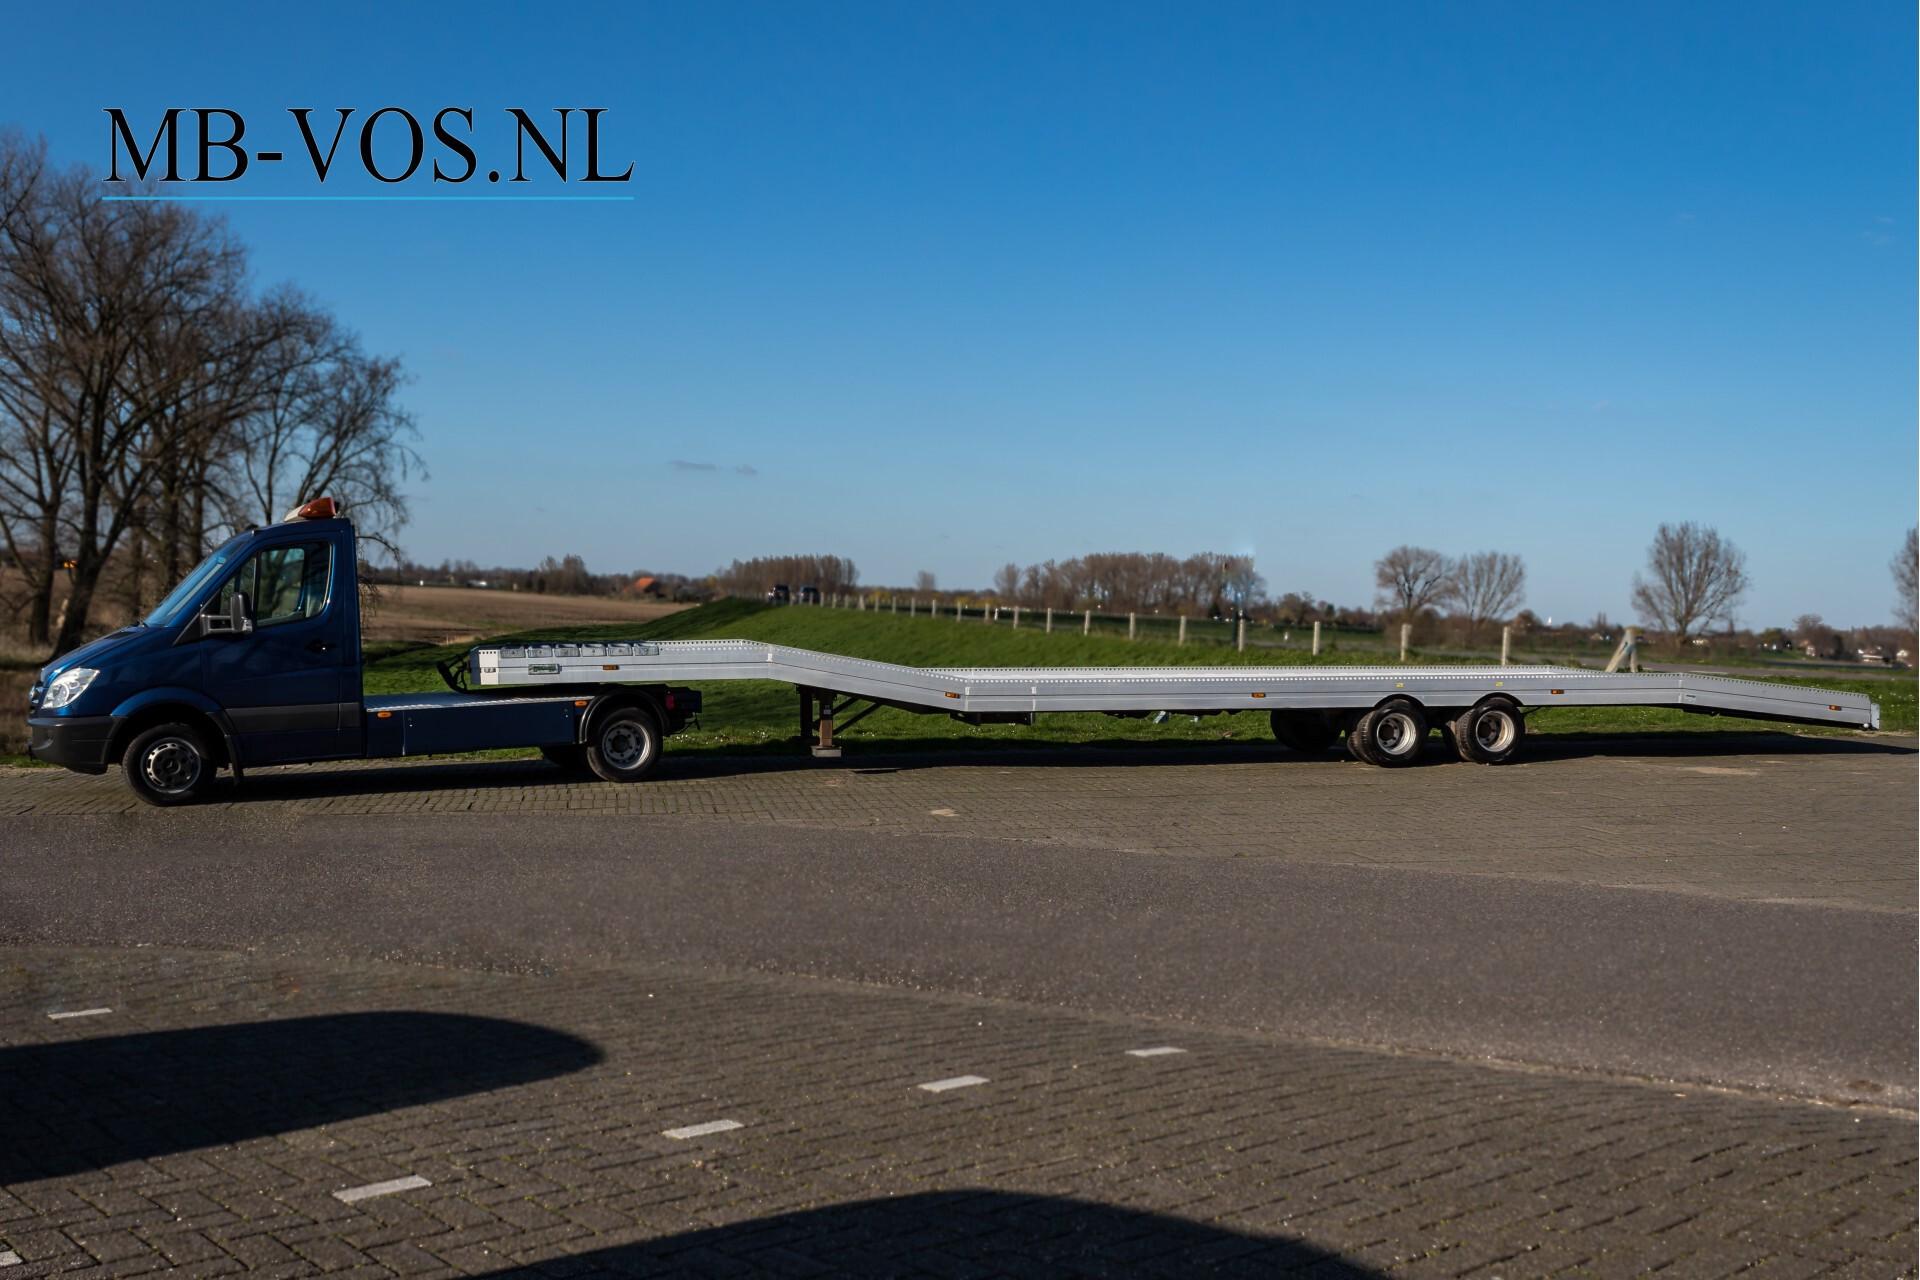 Mercedes-Benz Sprinter 518 3.0 Cdi V6 Oprijwagen / Auto ambulance 7360 kg Foto 2